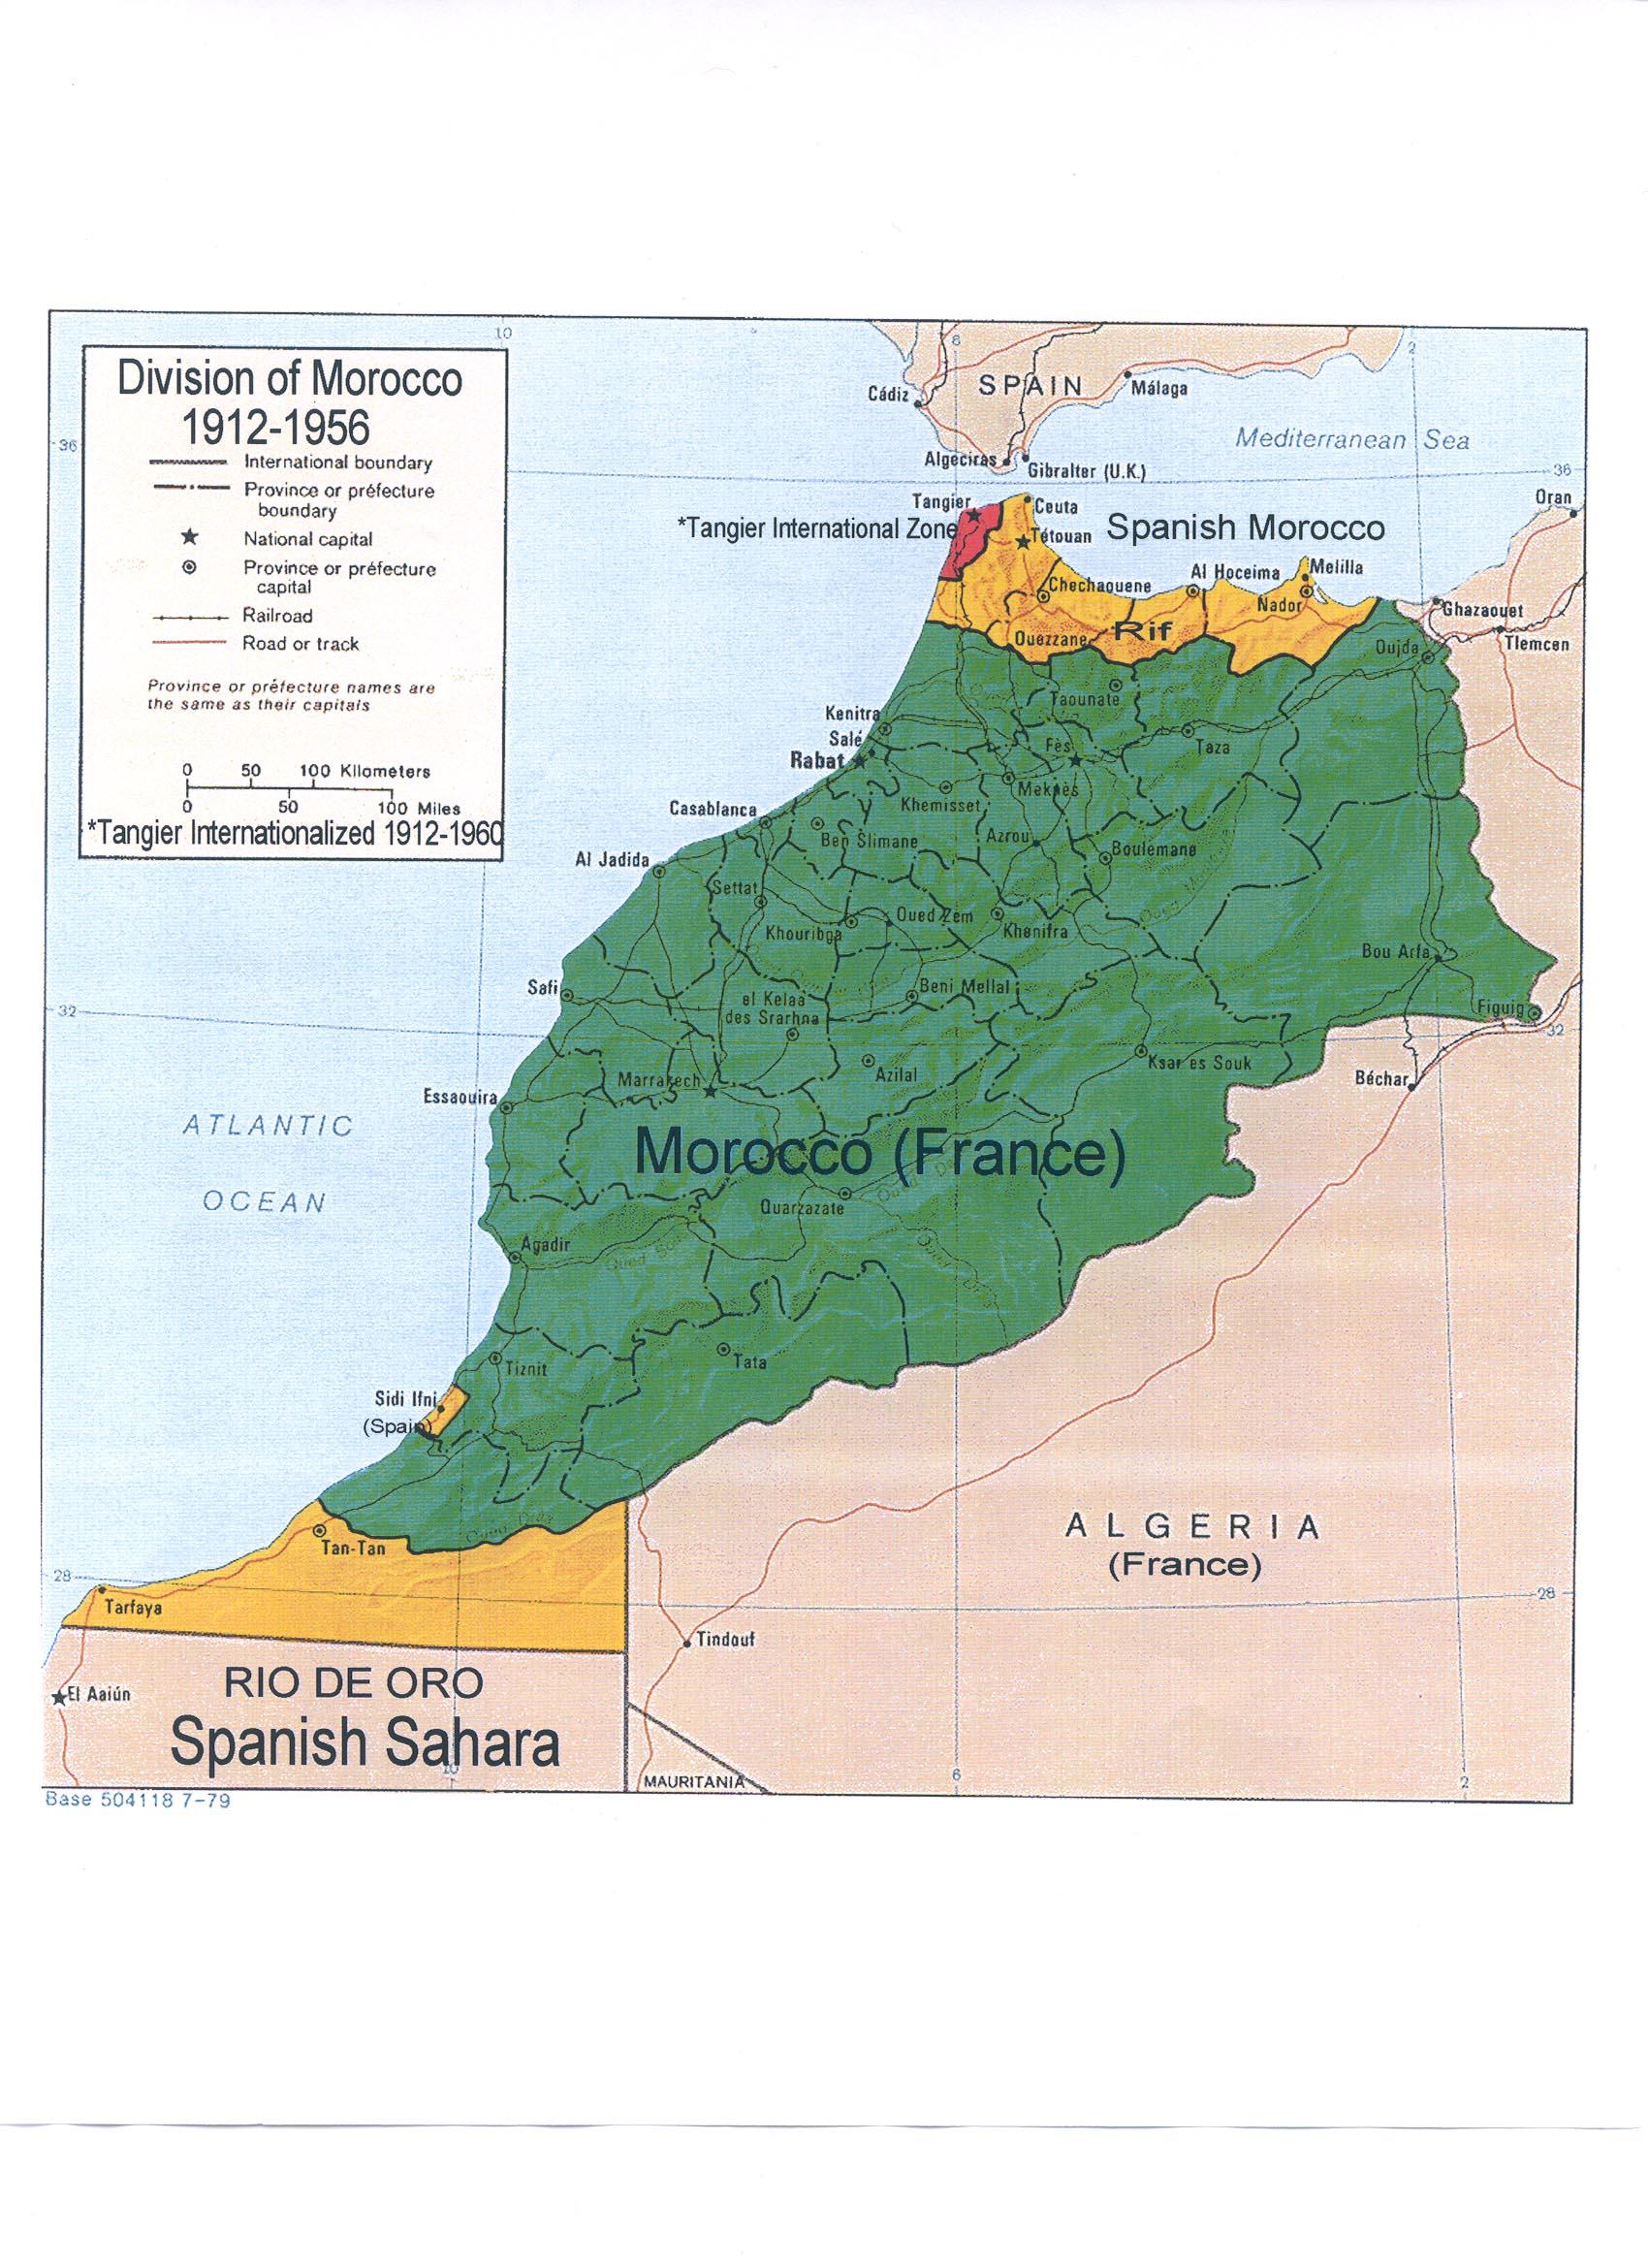 En vert : le Maroc sous protectorat français, en rouge : la zone internationale de Tanger, en jaune : le Maroc sous protectorat espagnol © Worldstatesmen.org